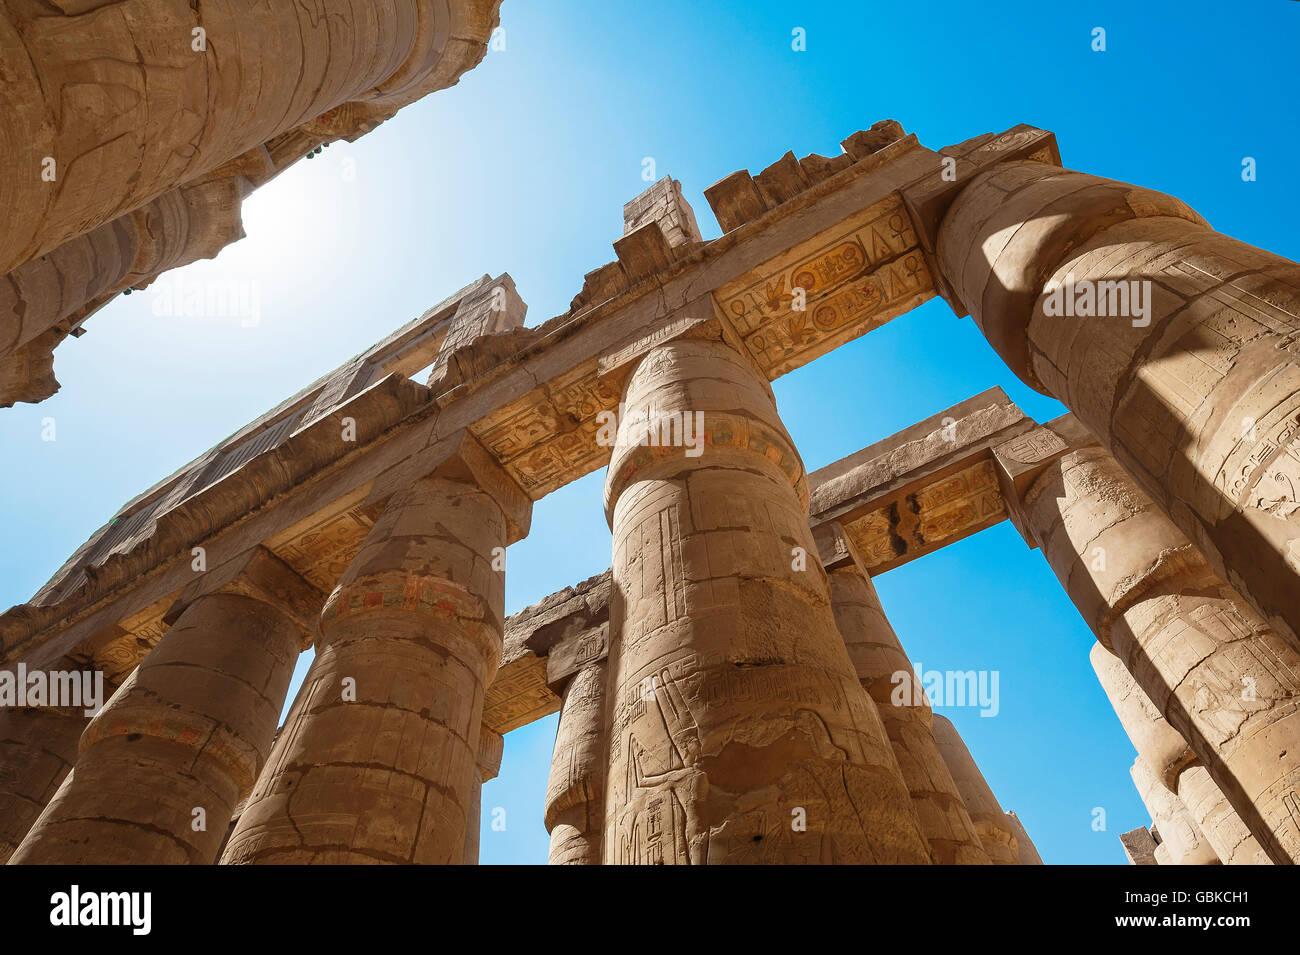 Portique avec peinture couleur d'origine, Temple de Karnak, Karnak, Louxor, Egypte Photo Stock